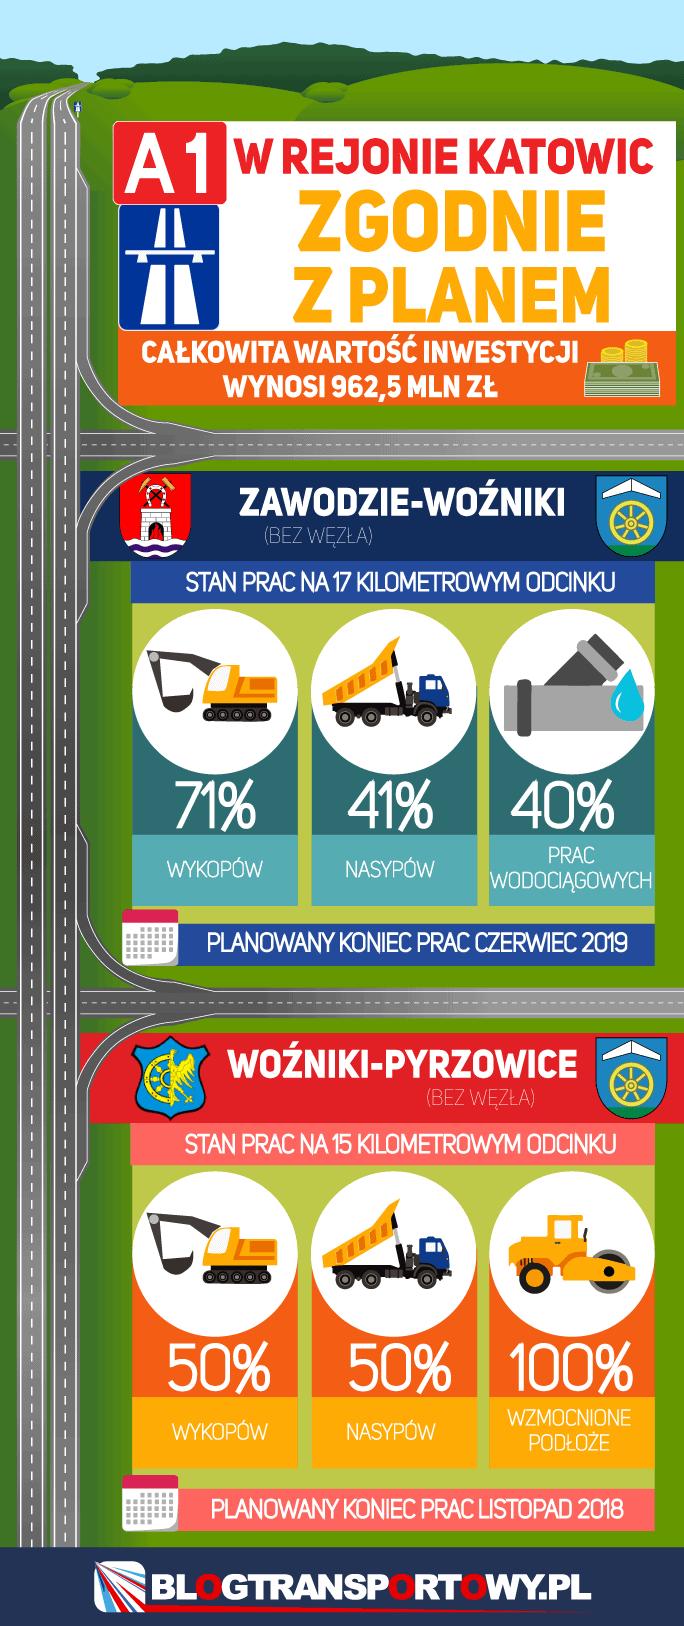 A1 w rejonie Katowic zgodnie z planem